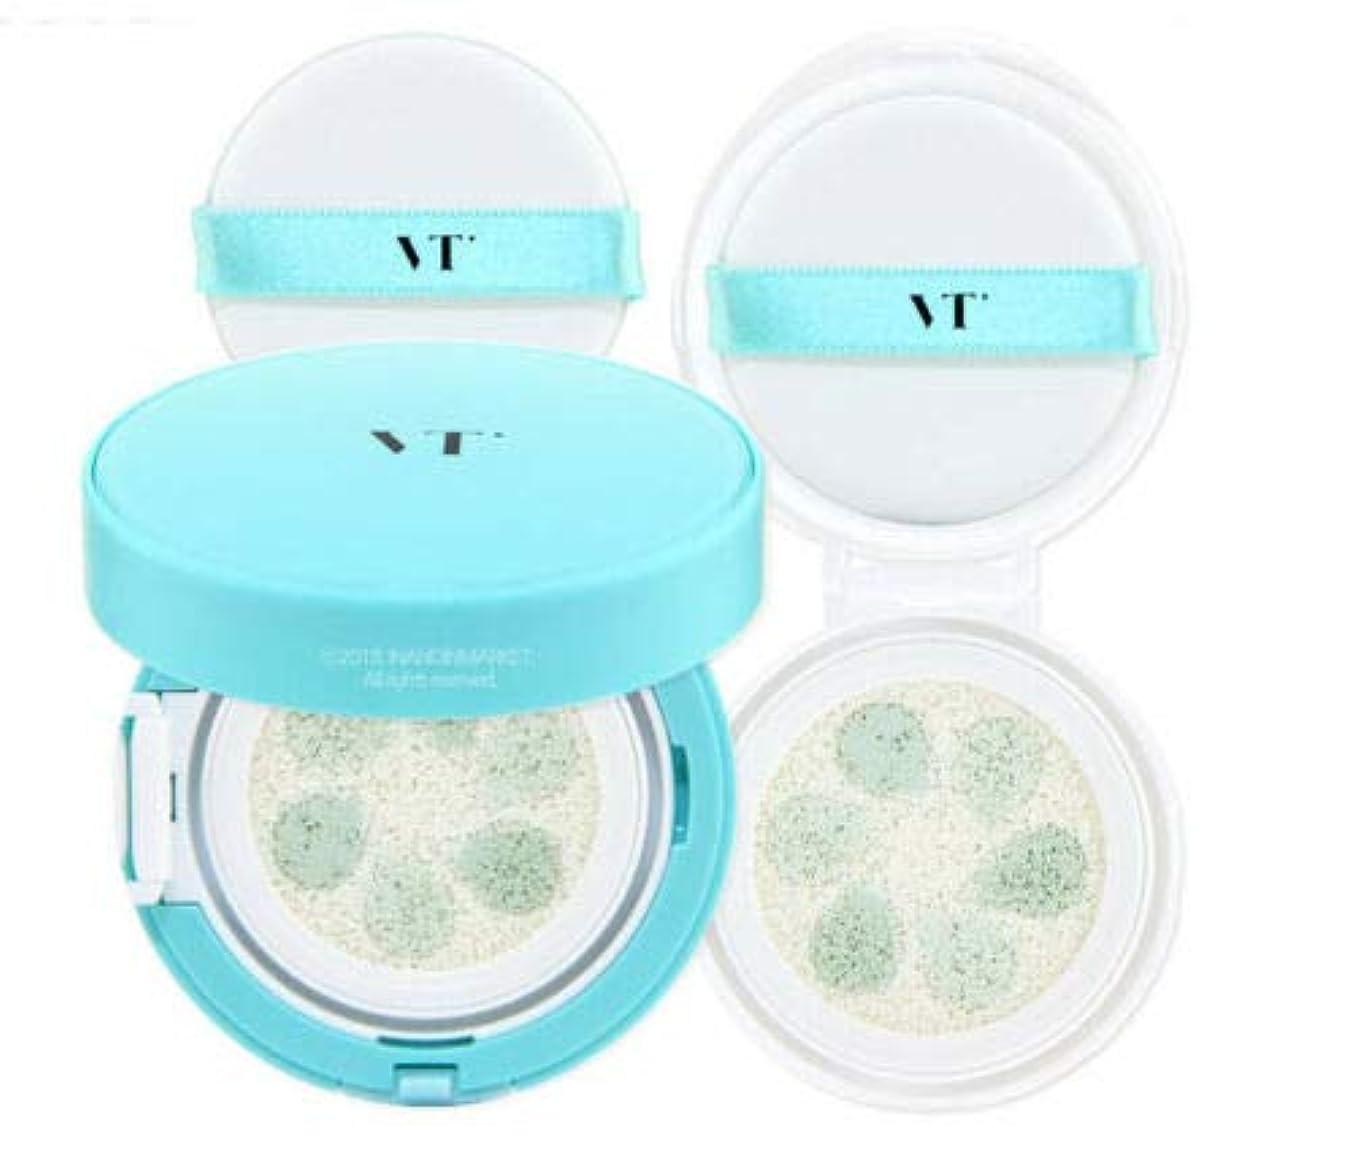 明るい談話彼らVT Cosmetic Phyto Sun Cushion サンクッション 本品11g + リフィール11g, SPF50+/PA++++